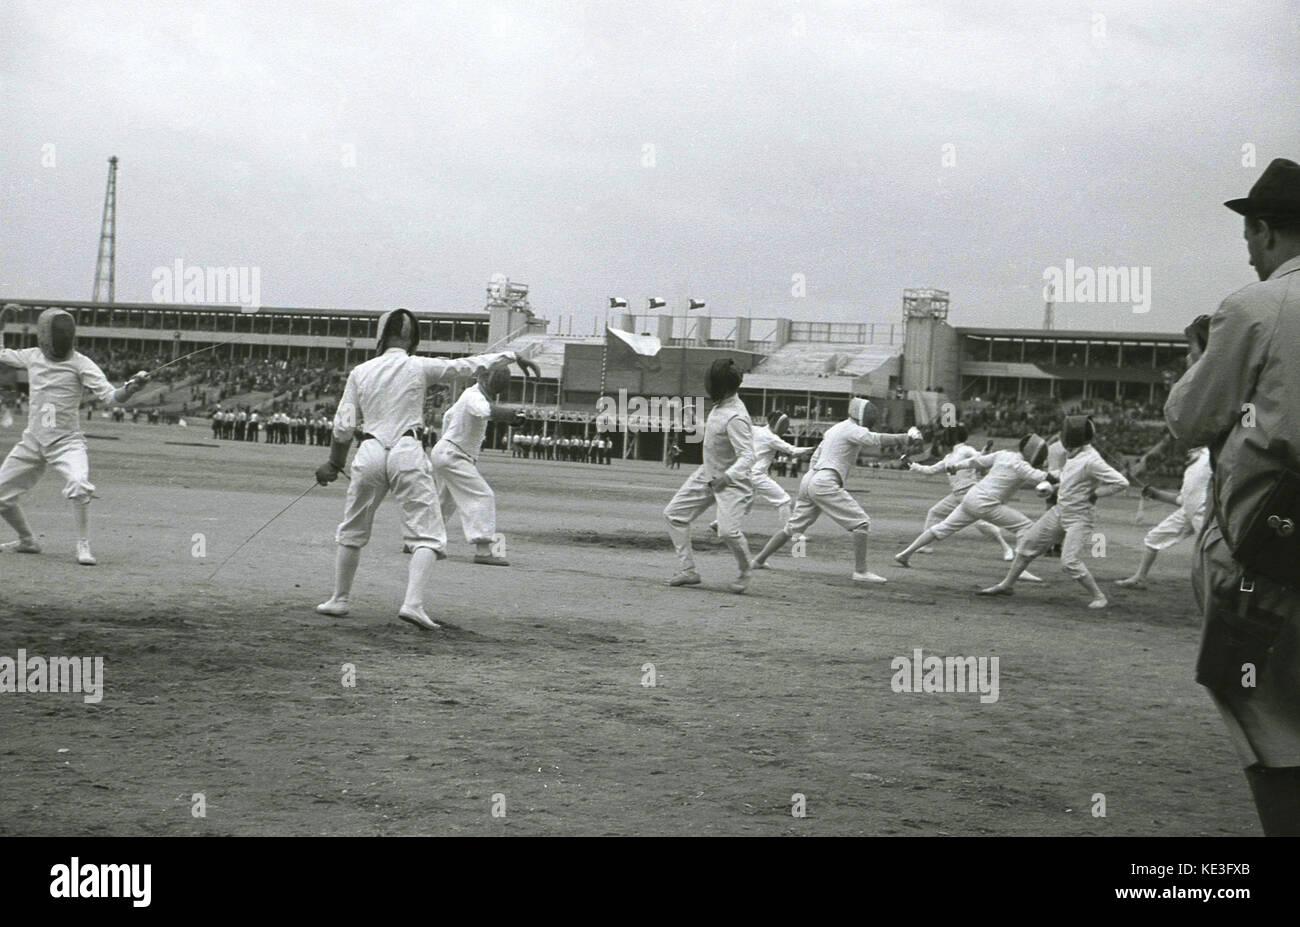 1938. histórico, macho competitiors cercado en el centro del gigantesco estadio de Strahov, en Praga, Checoslovaquia, Imagen De Stock